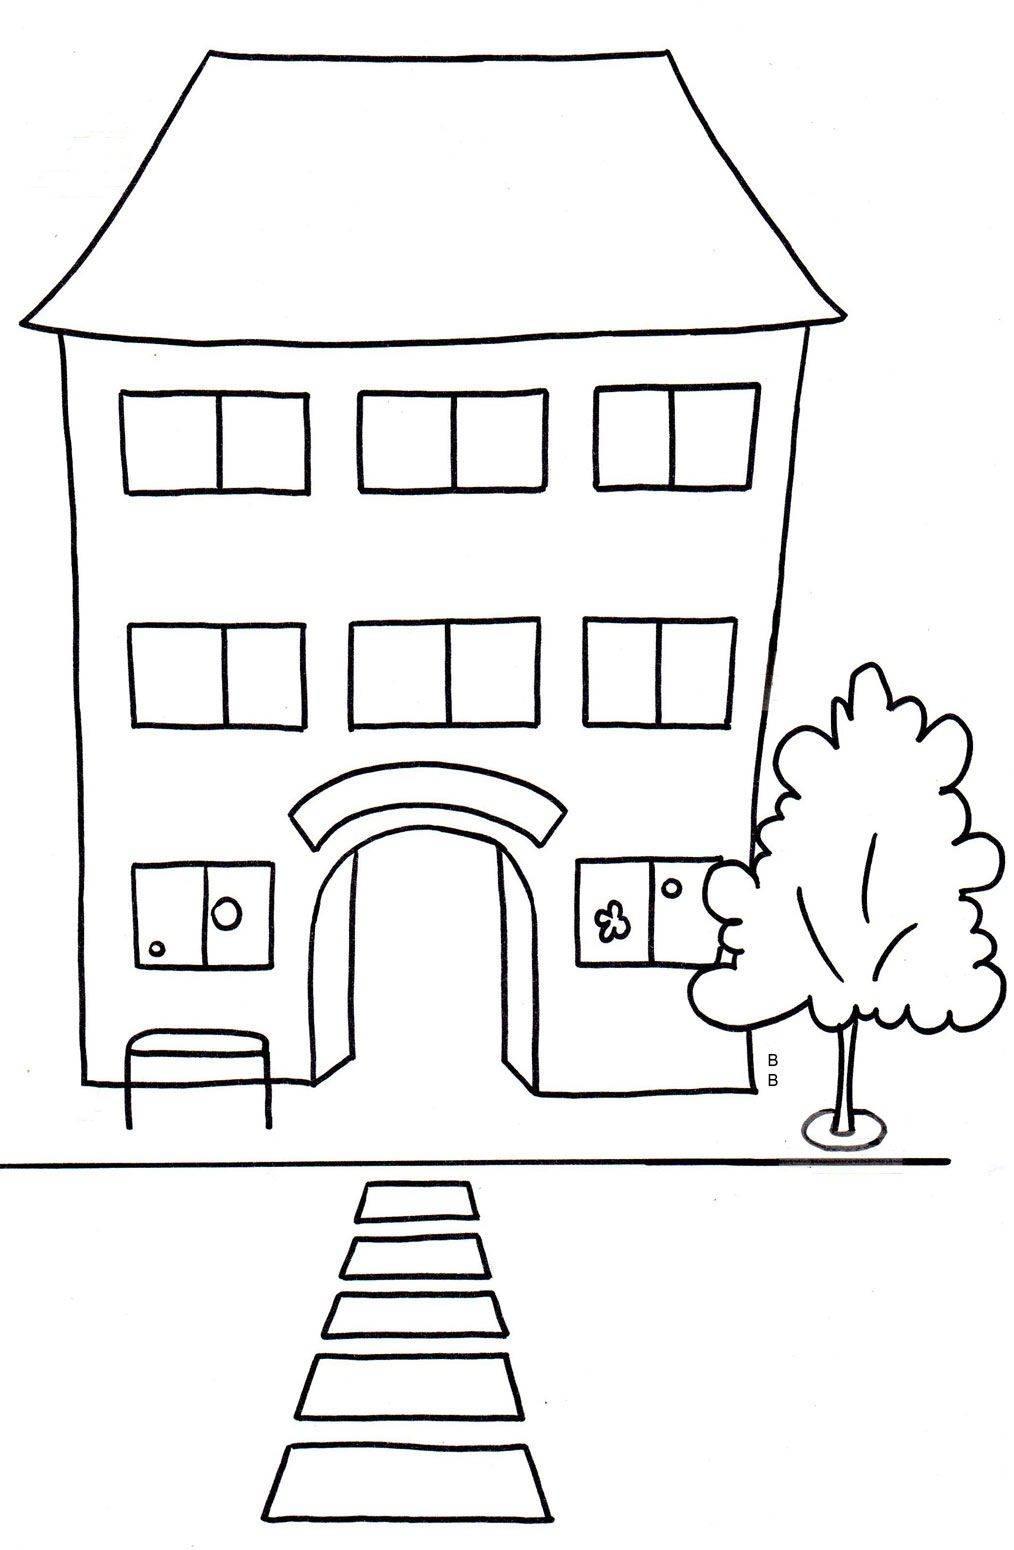 Ausmalbild Schule Schulhaus Kostenlos Ausdrucken